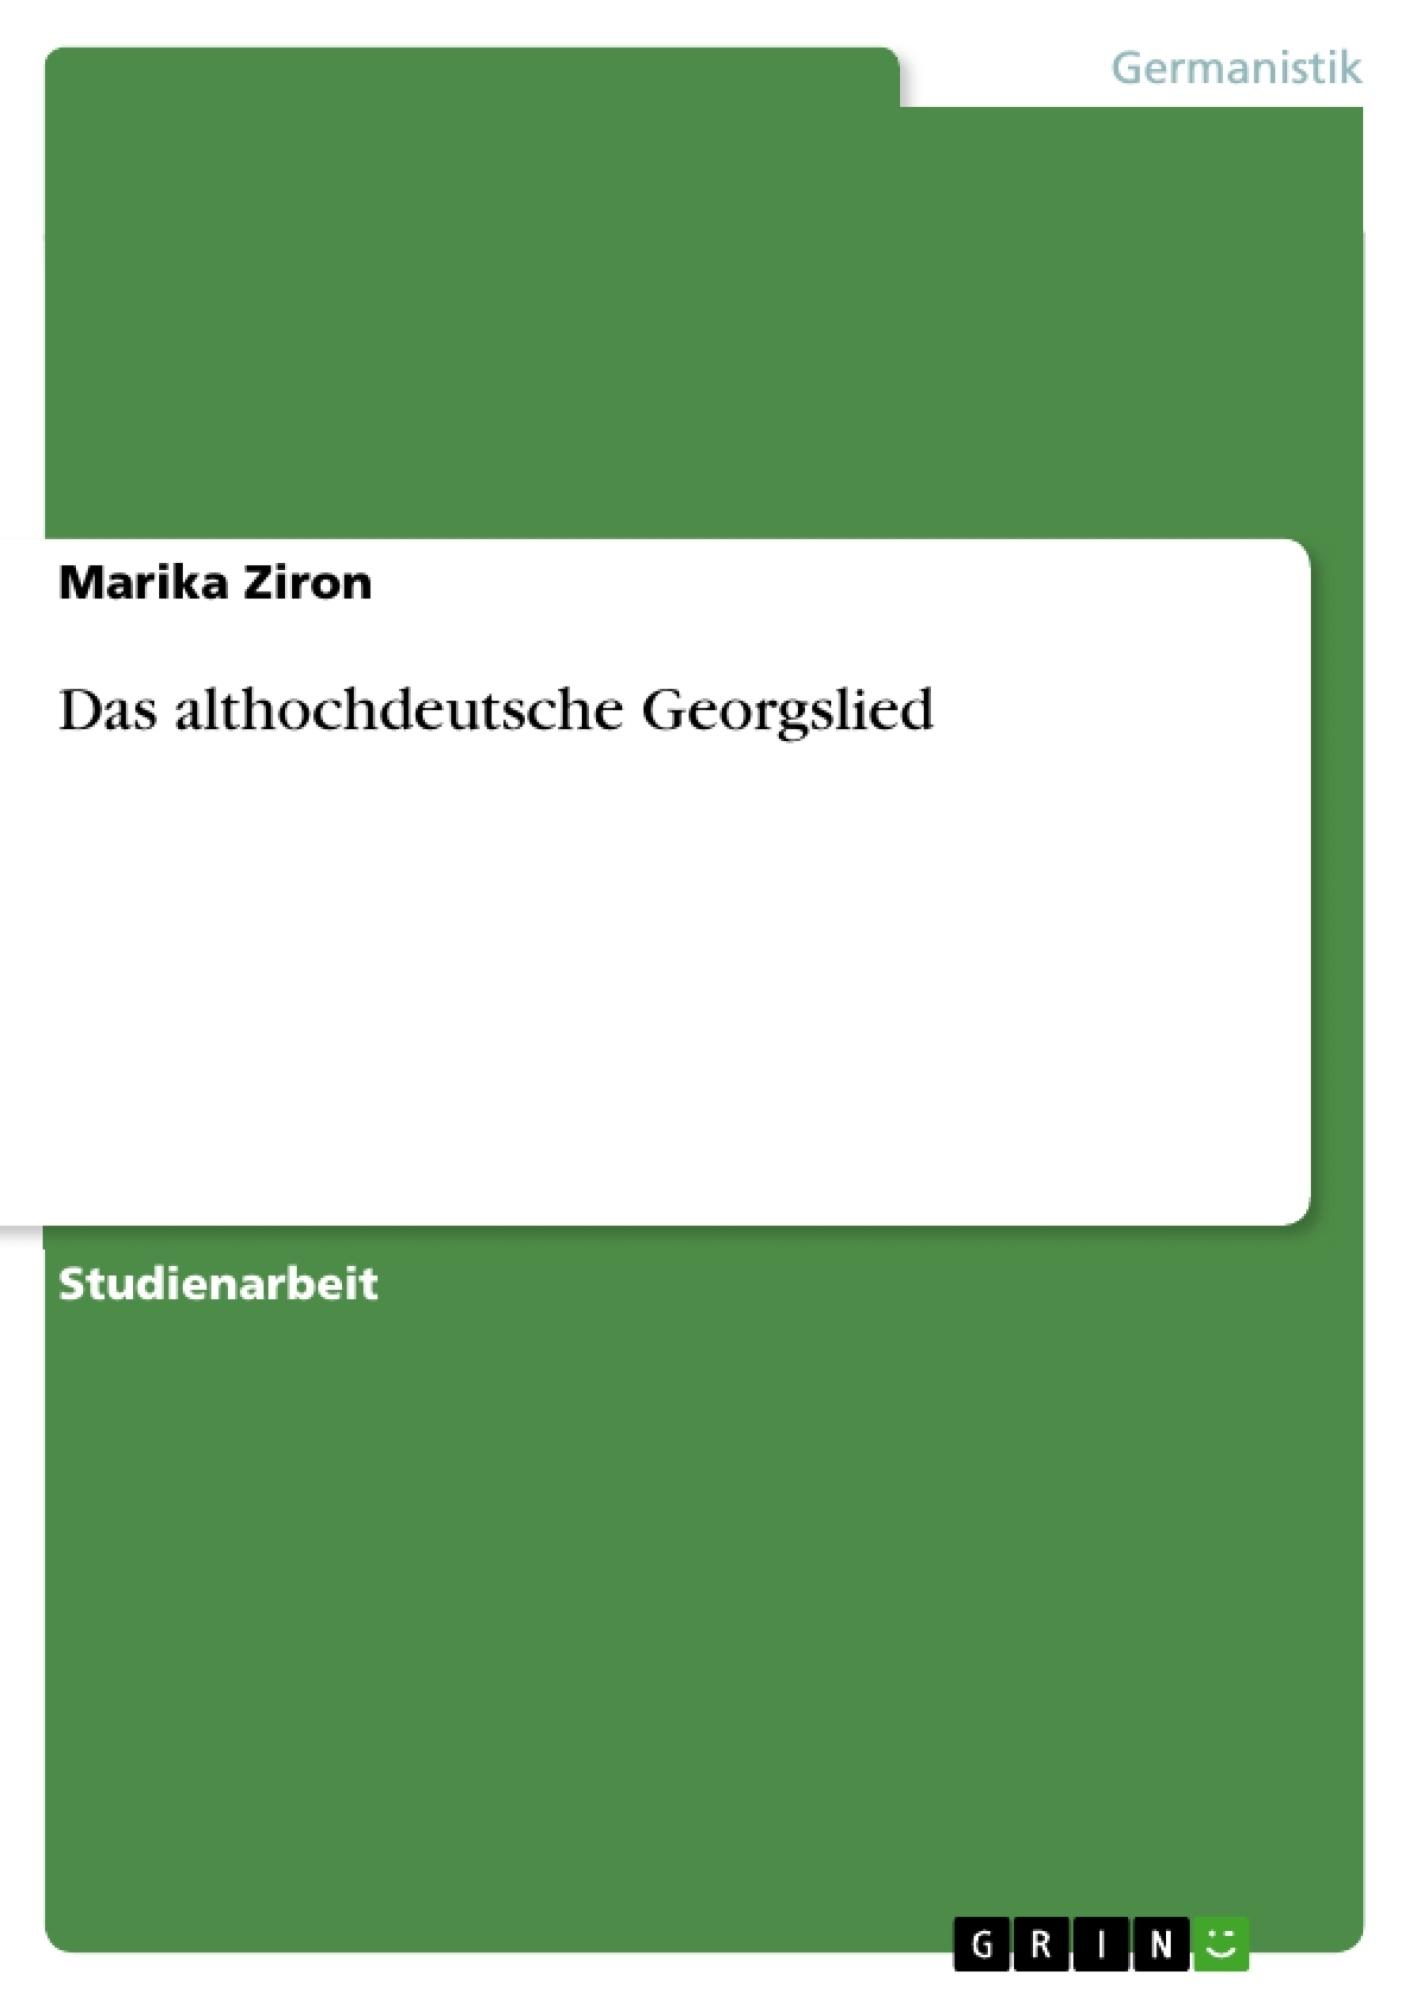 Titel: Das althochdeutsche Georgslied